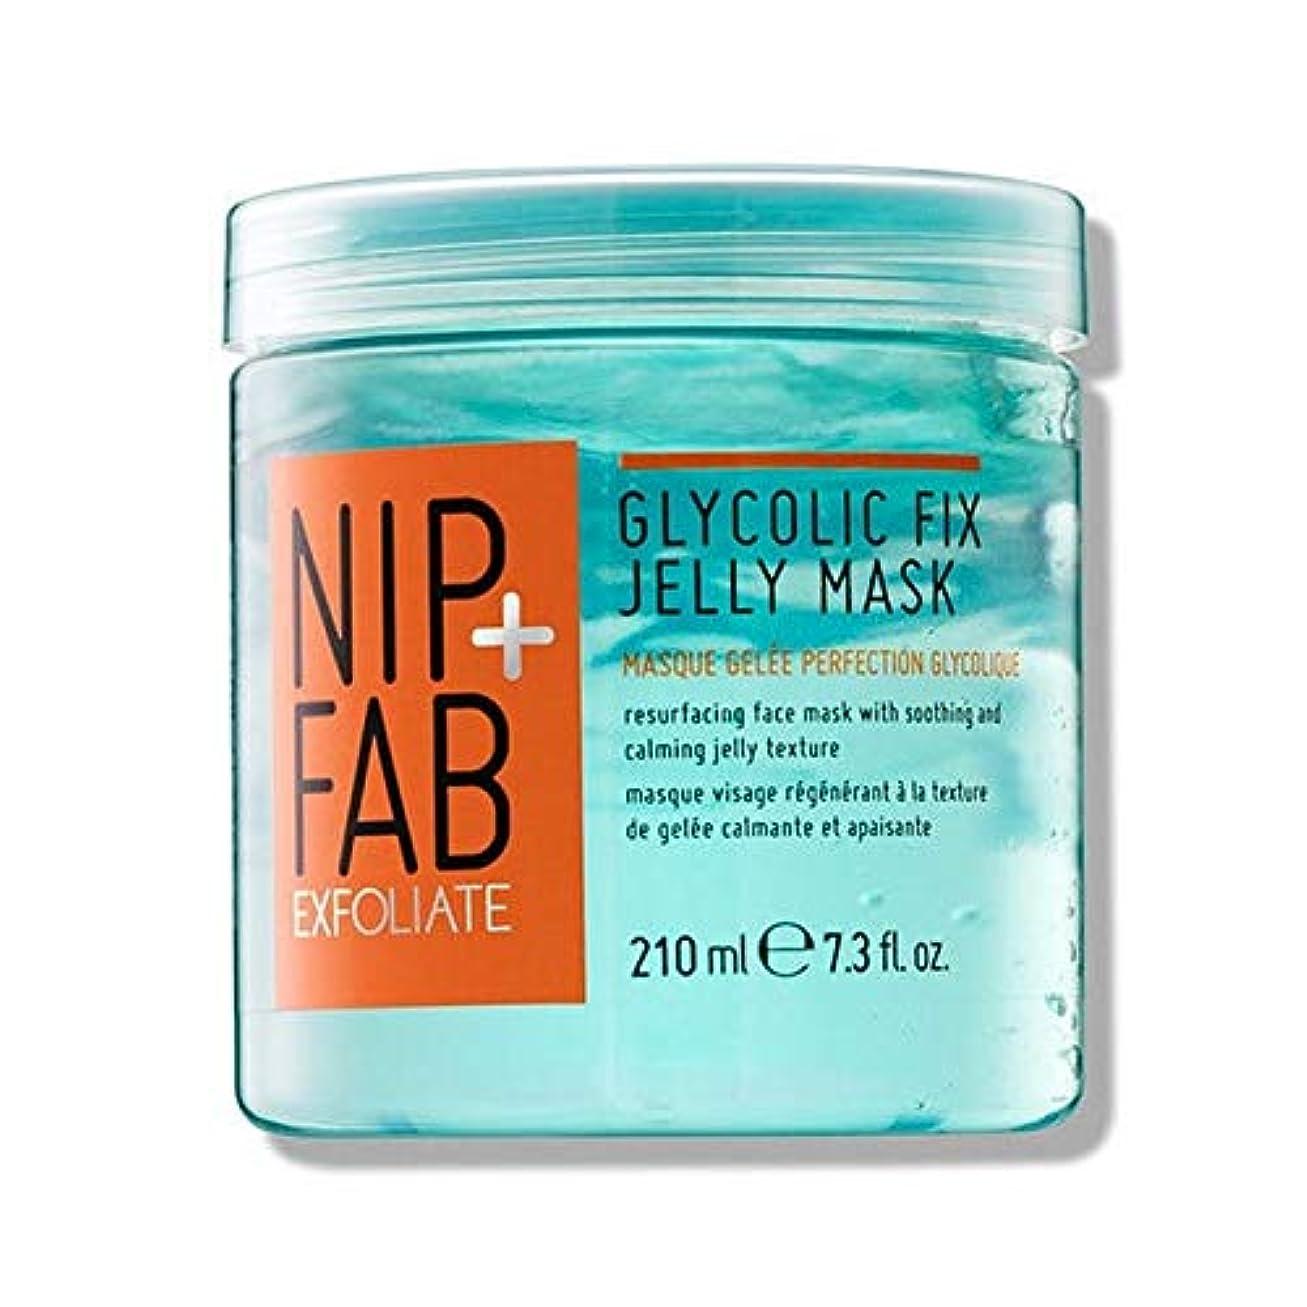 大洪水意味のある申し込む[Nip & Fab] + Fabグリコール修正ゼリーマスク210ミリリットルニップ - NIP+FAB Glycolic Fix Jelly mask 210ml [並行輸入品]